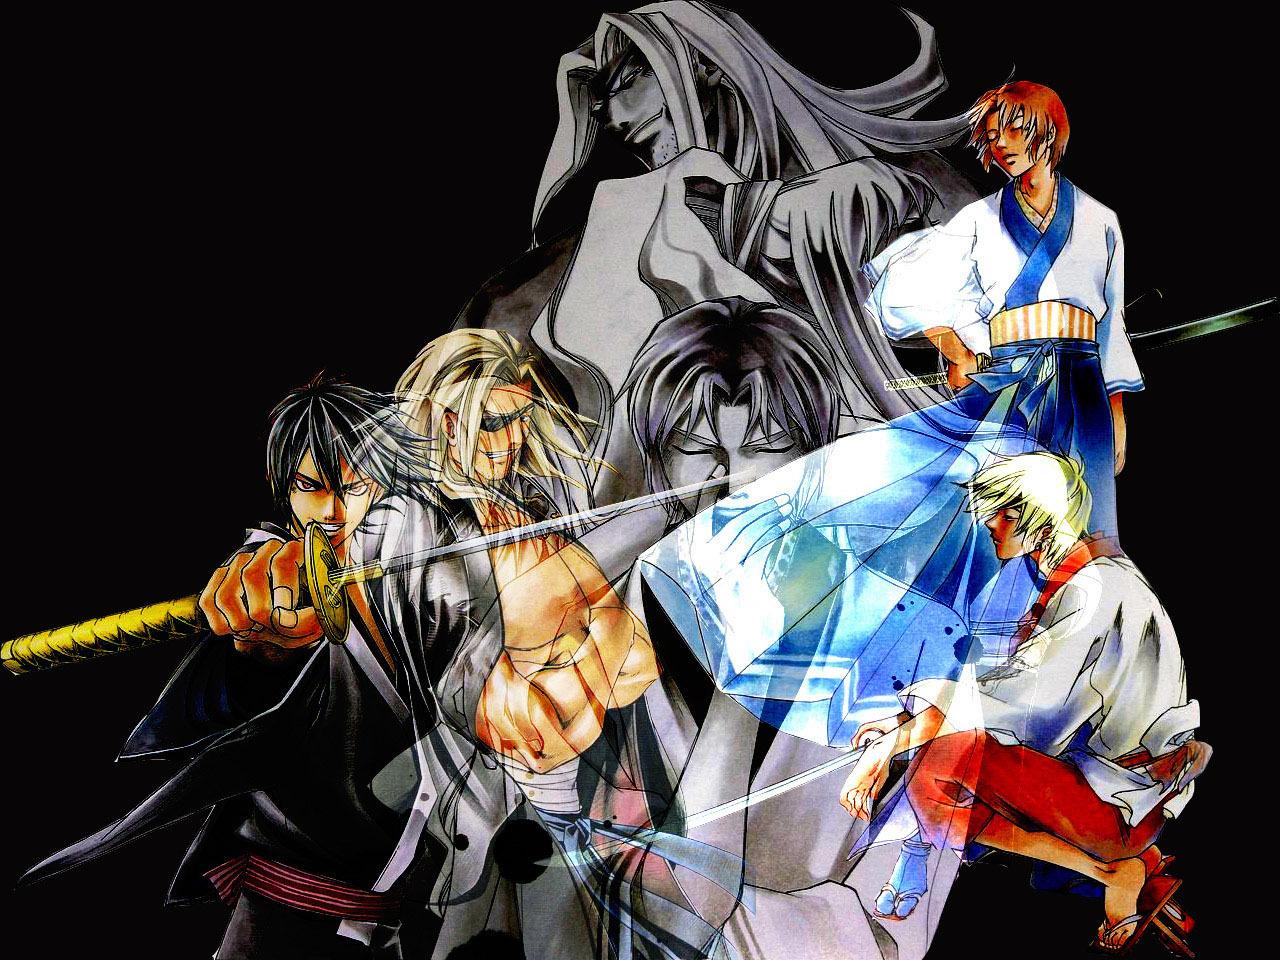 Hd Horse Wallpaper Download Samurai Deeper Kyou Images Samurai Deeper Kyo Wallpaper Hd